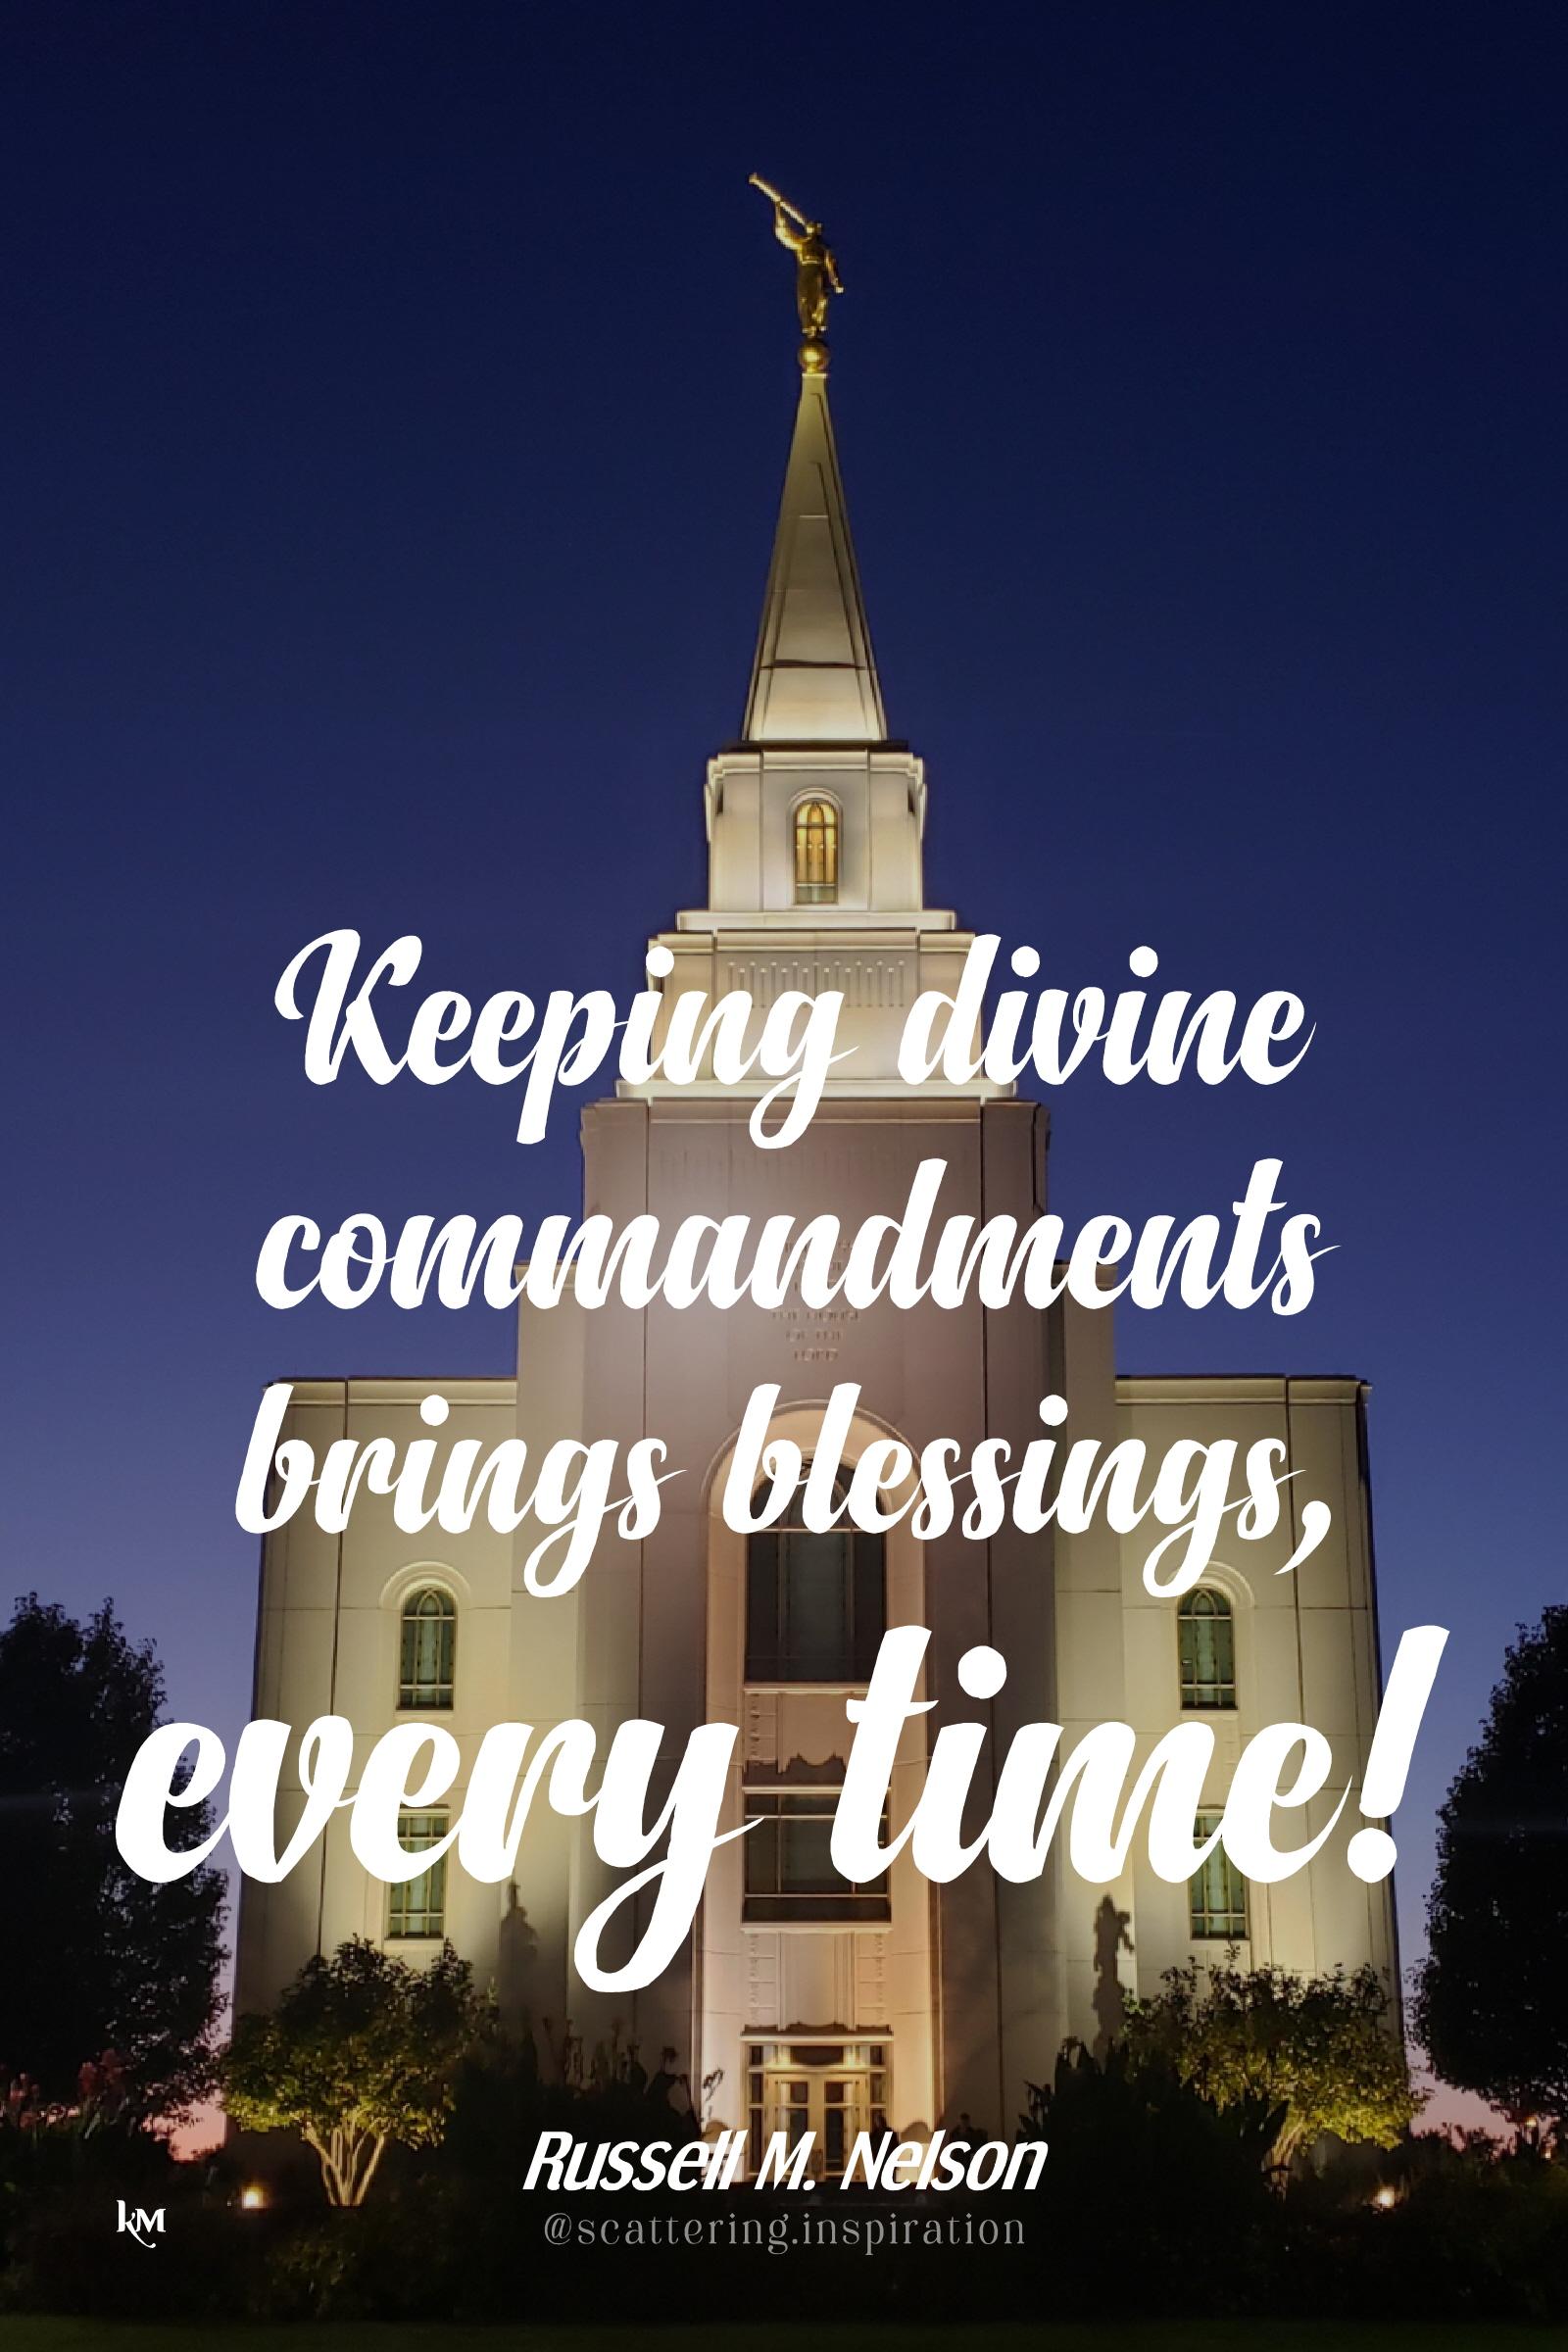 keeping divine commandments